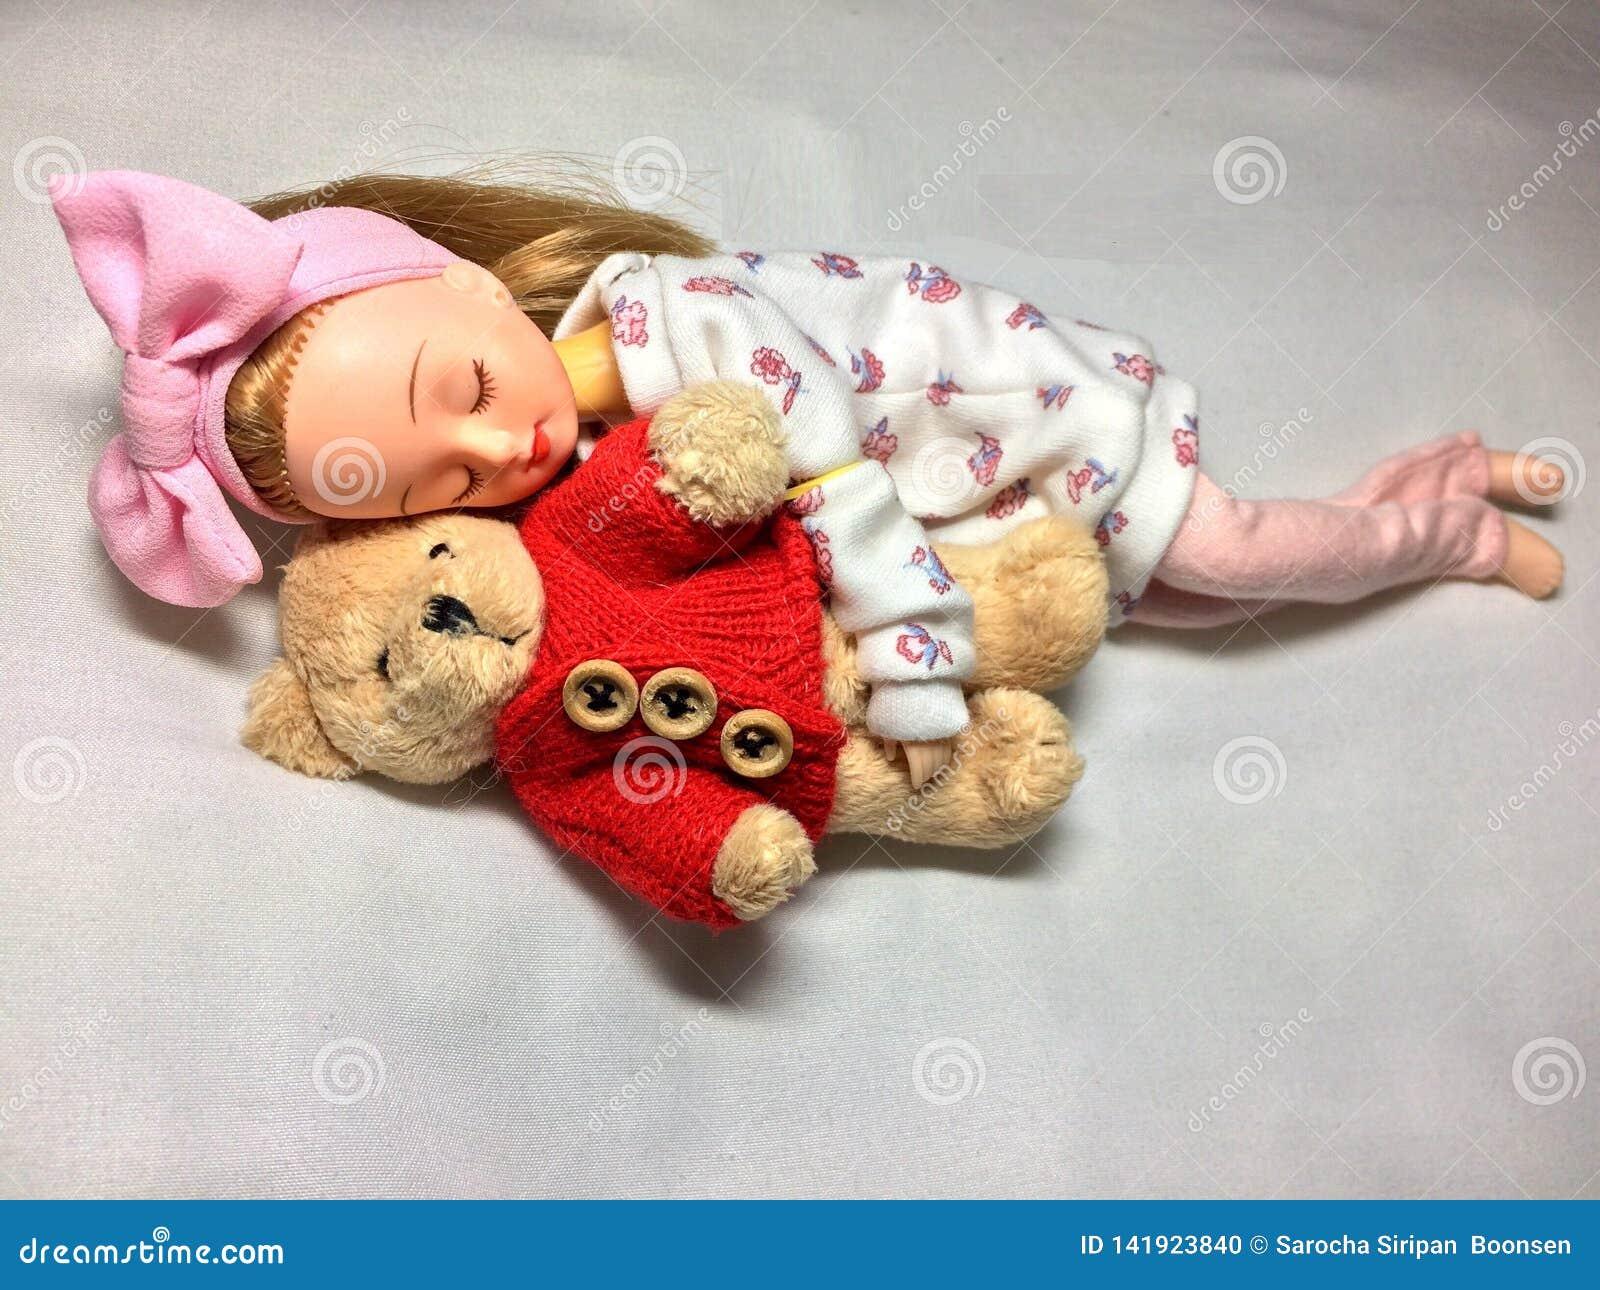 一个可爱的日本玩偶与她的玩具熊睡觉